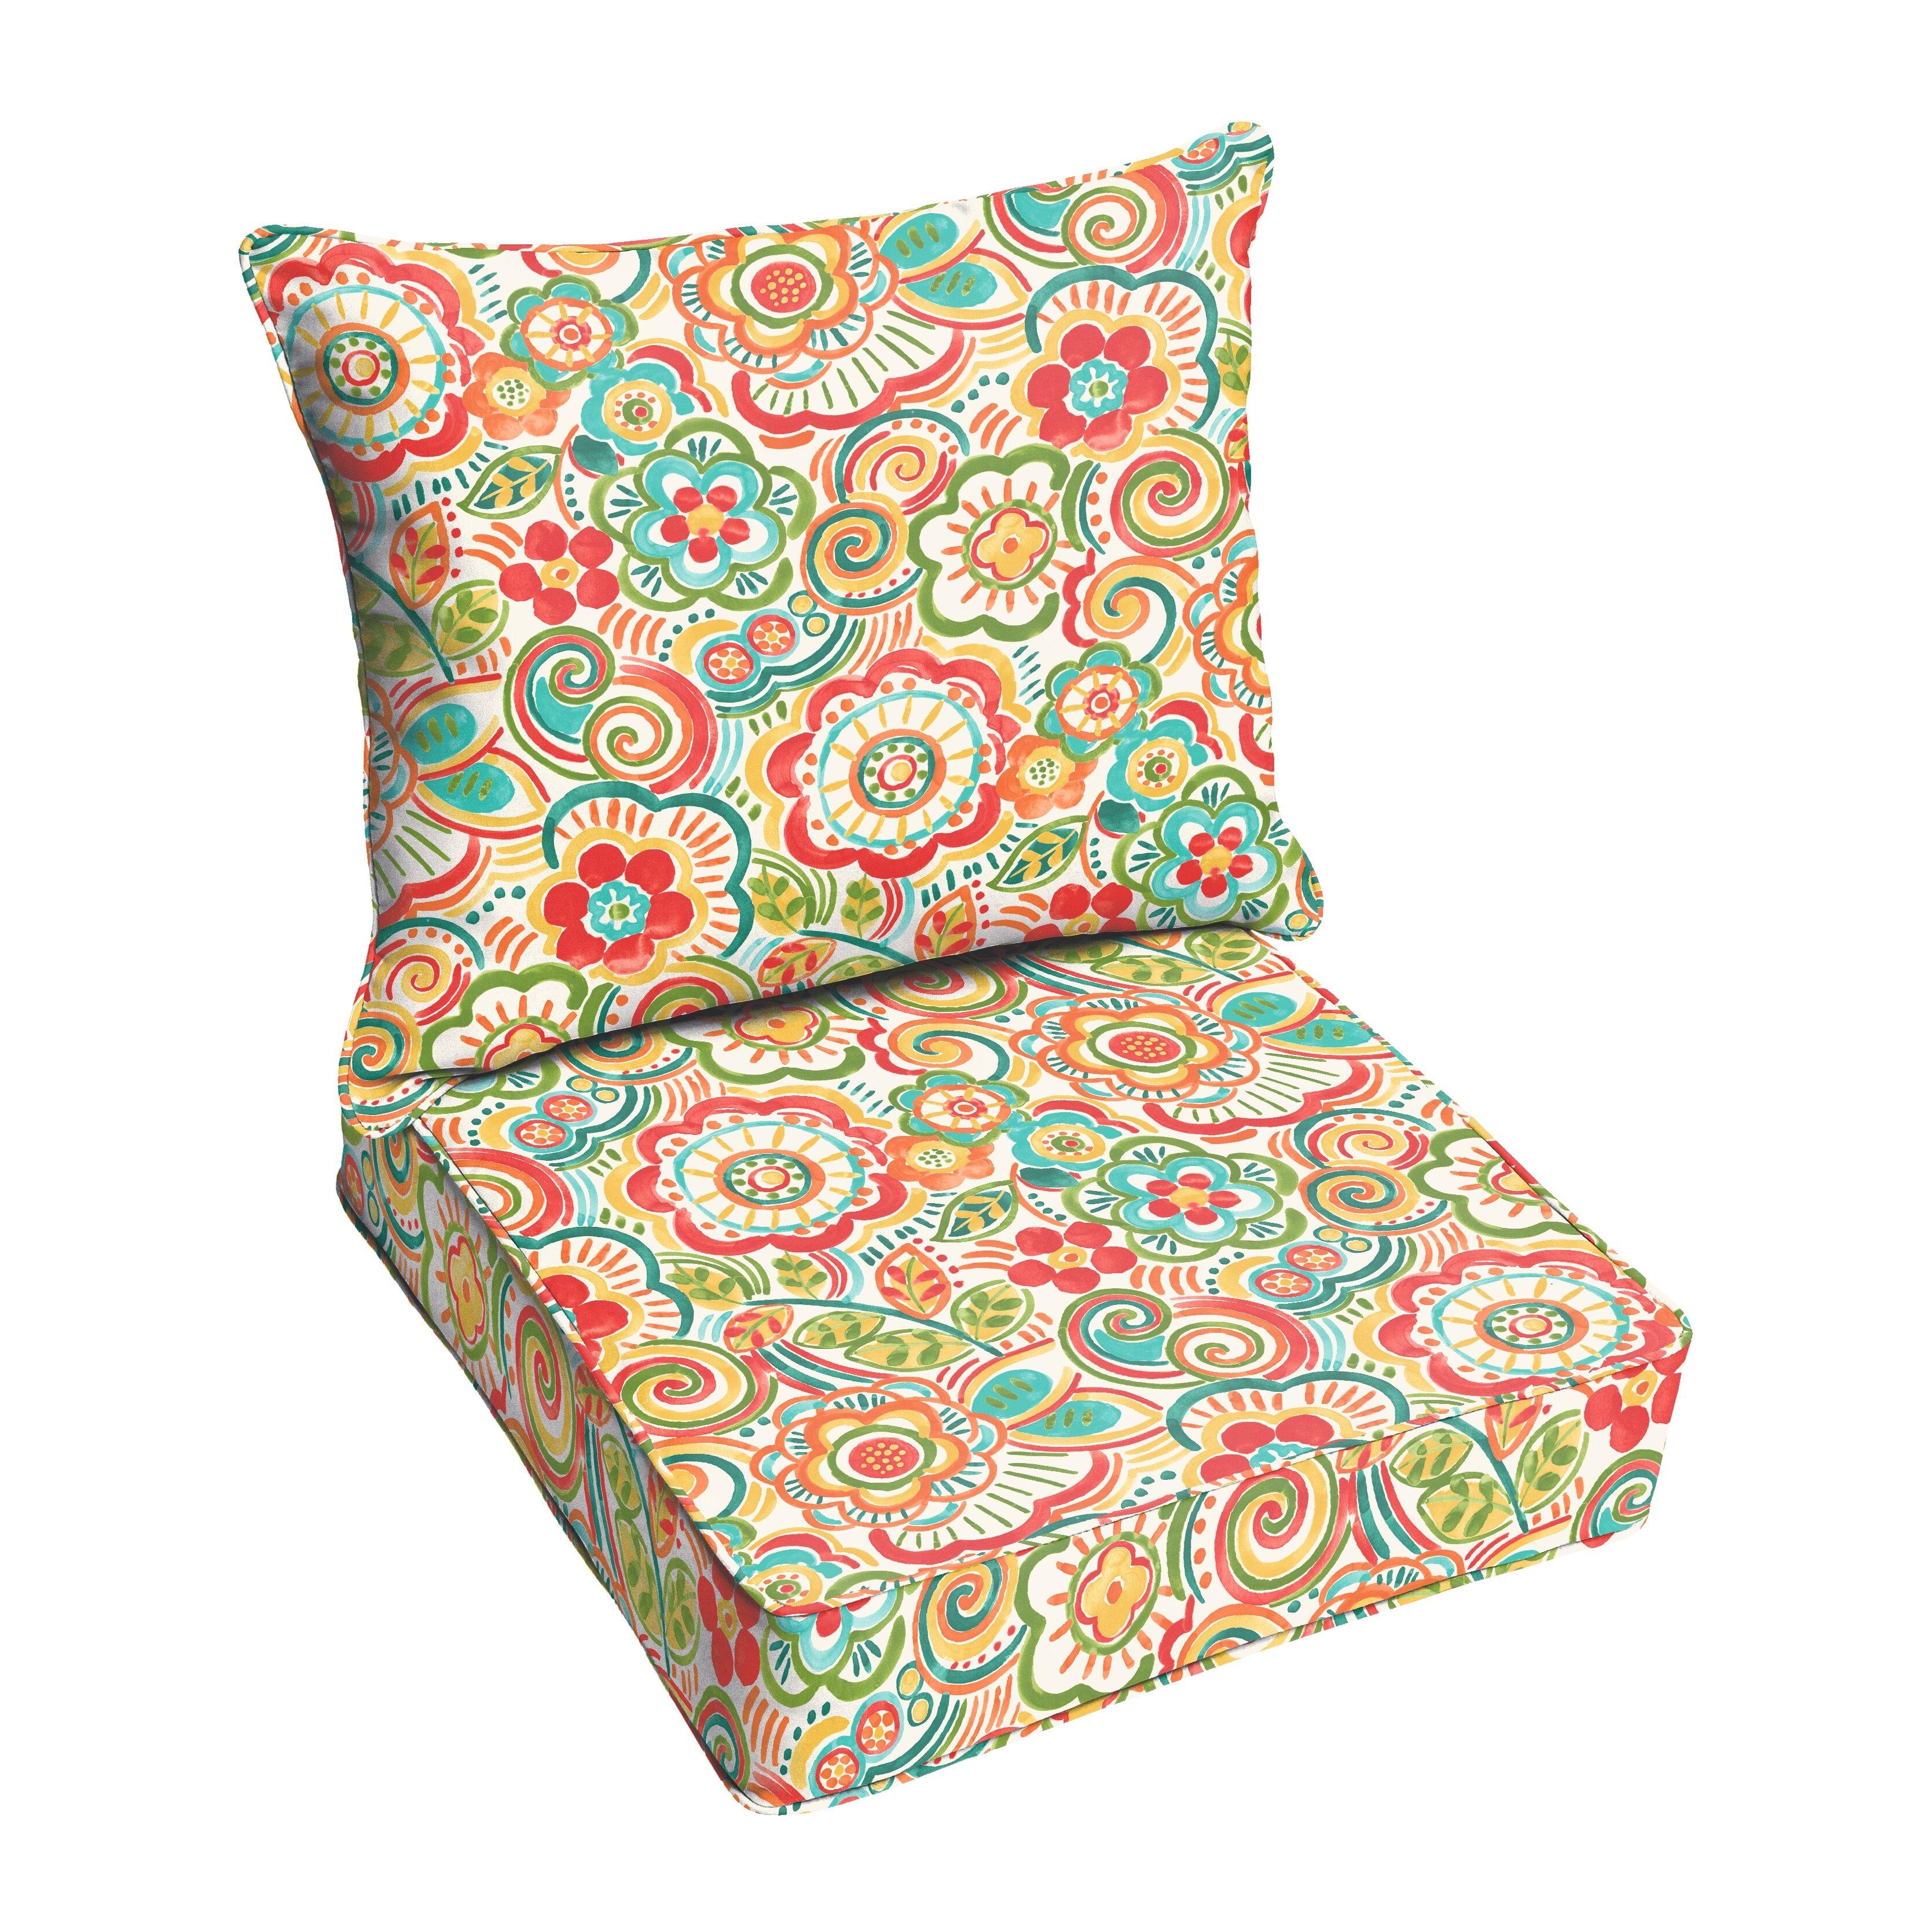 Latitude Run Annette Outdoor Lounge Chair Cushion